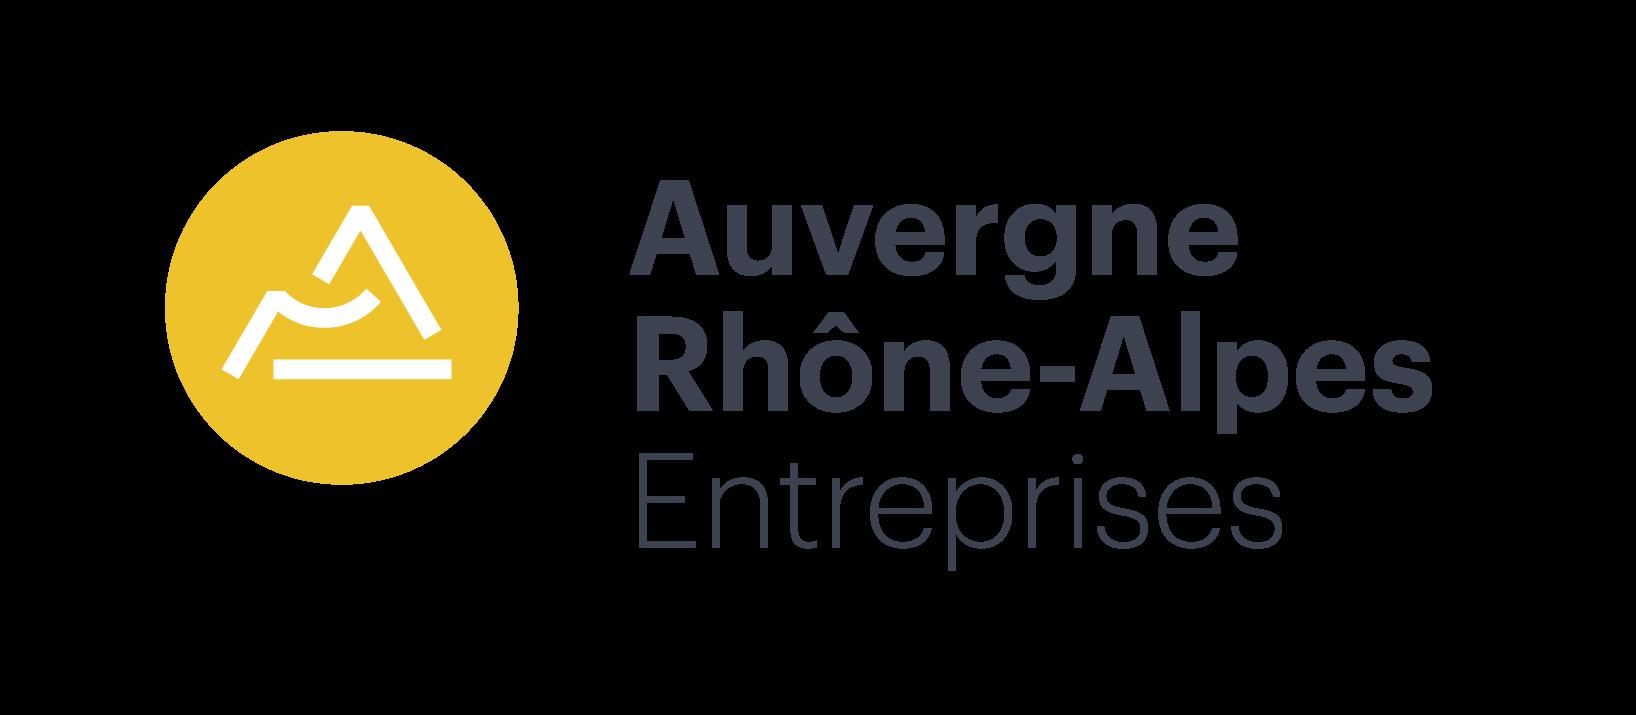 Auvergne-Rhône-Alpes Entreprises